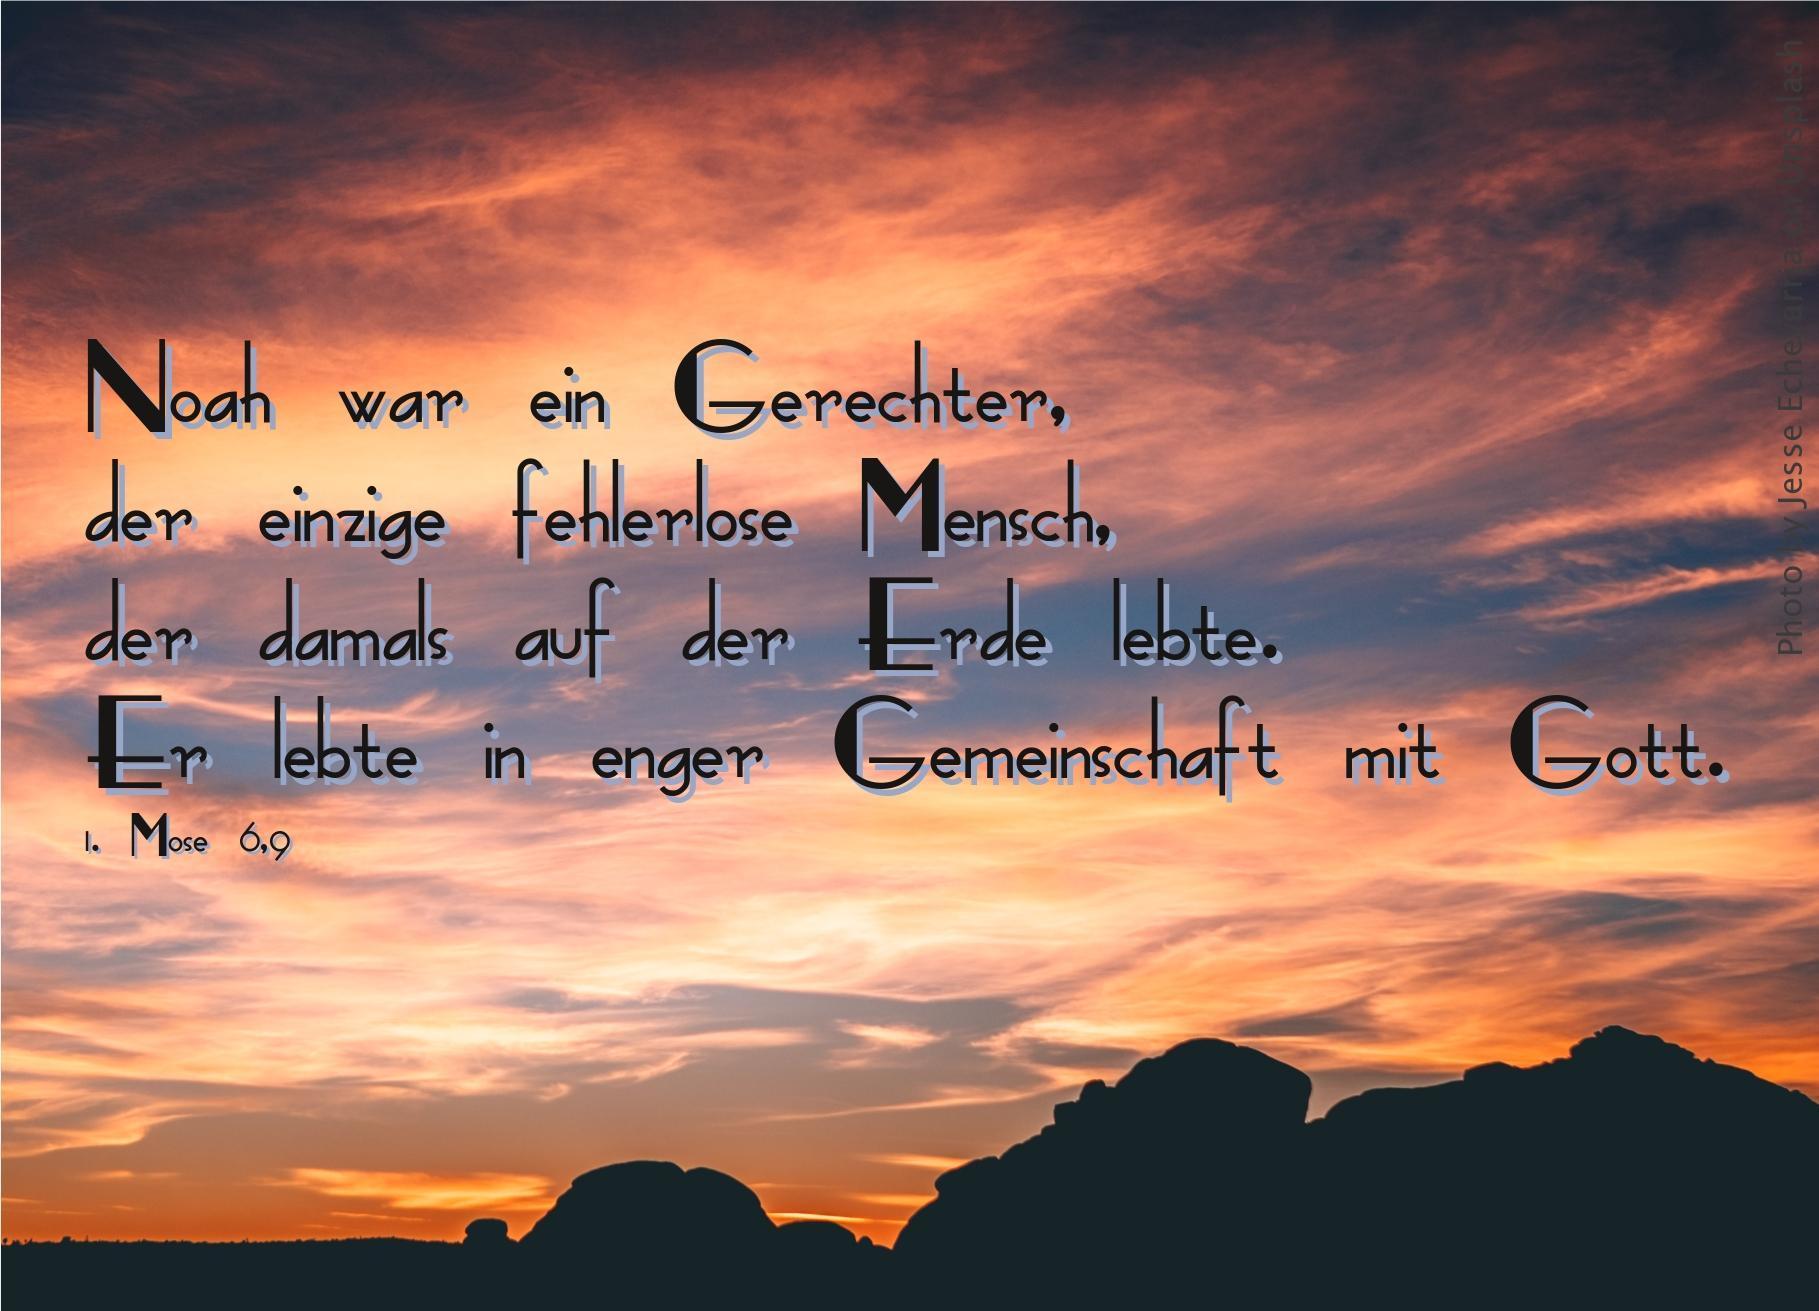 """alt=""""landschaft_silhouette_vor_morgenroete_erwartet_bibelhoerbuch_hochzeit_in_kana"""""""